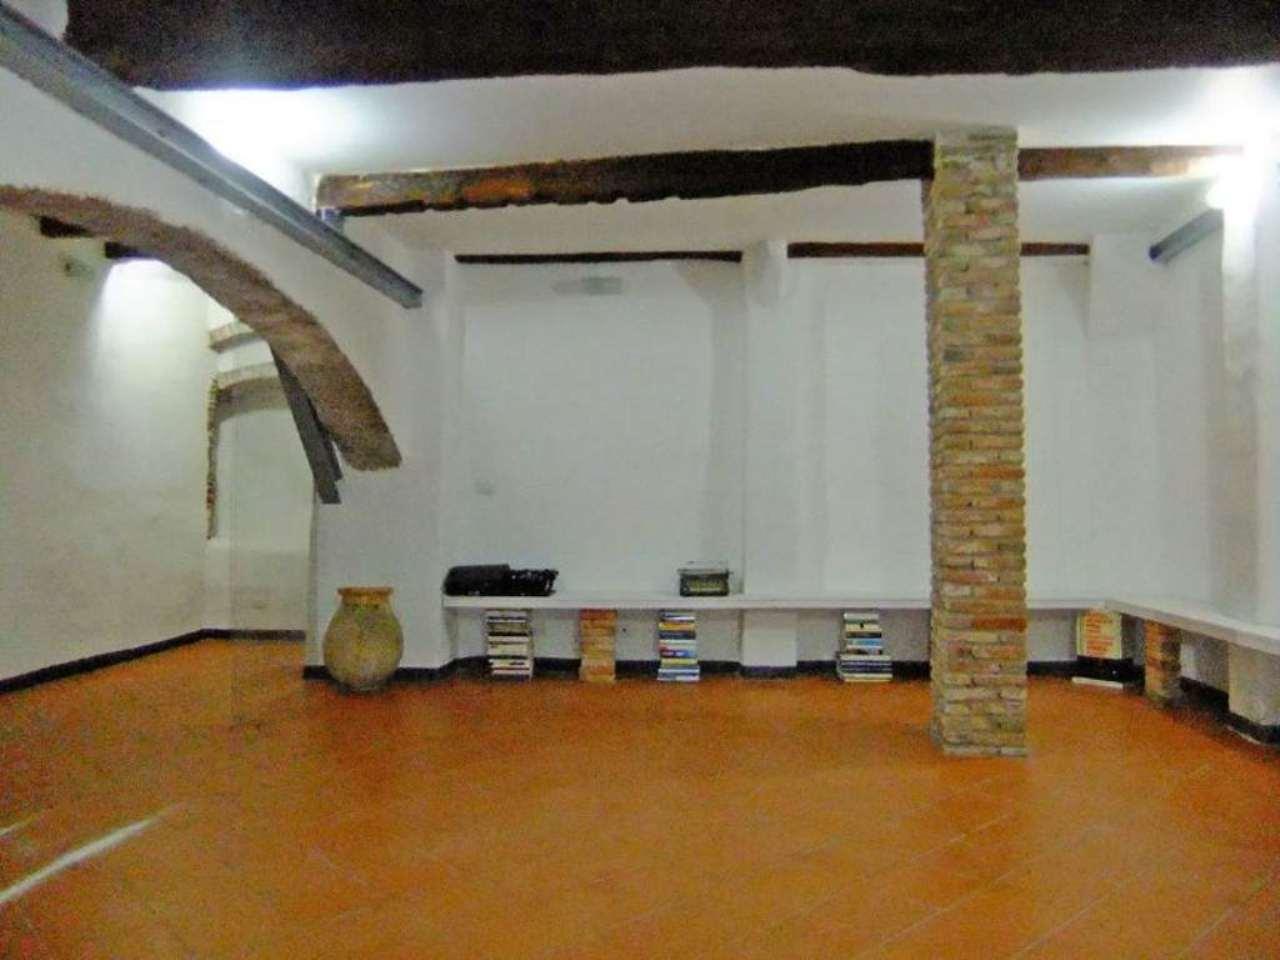 Ufficio / Studio in vendita a Savona, 1 locali, prezzo € 100.000 | CambioCasa.it